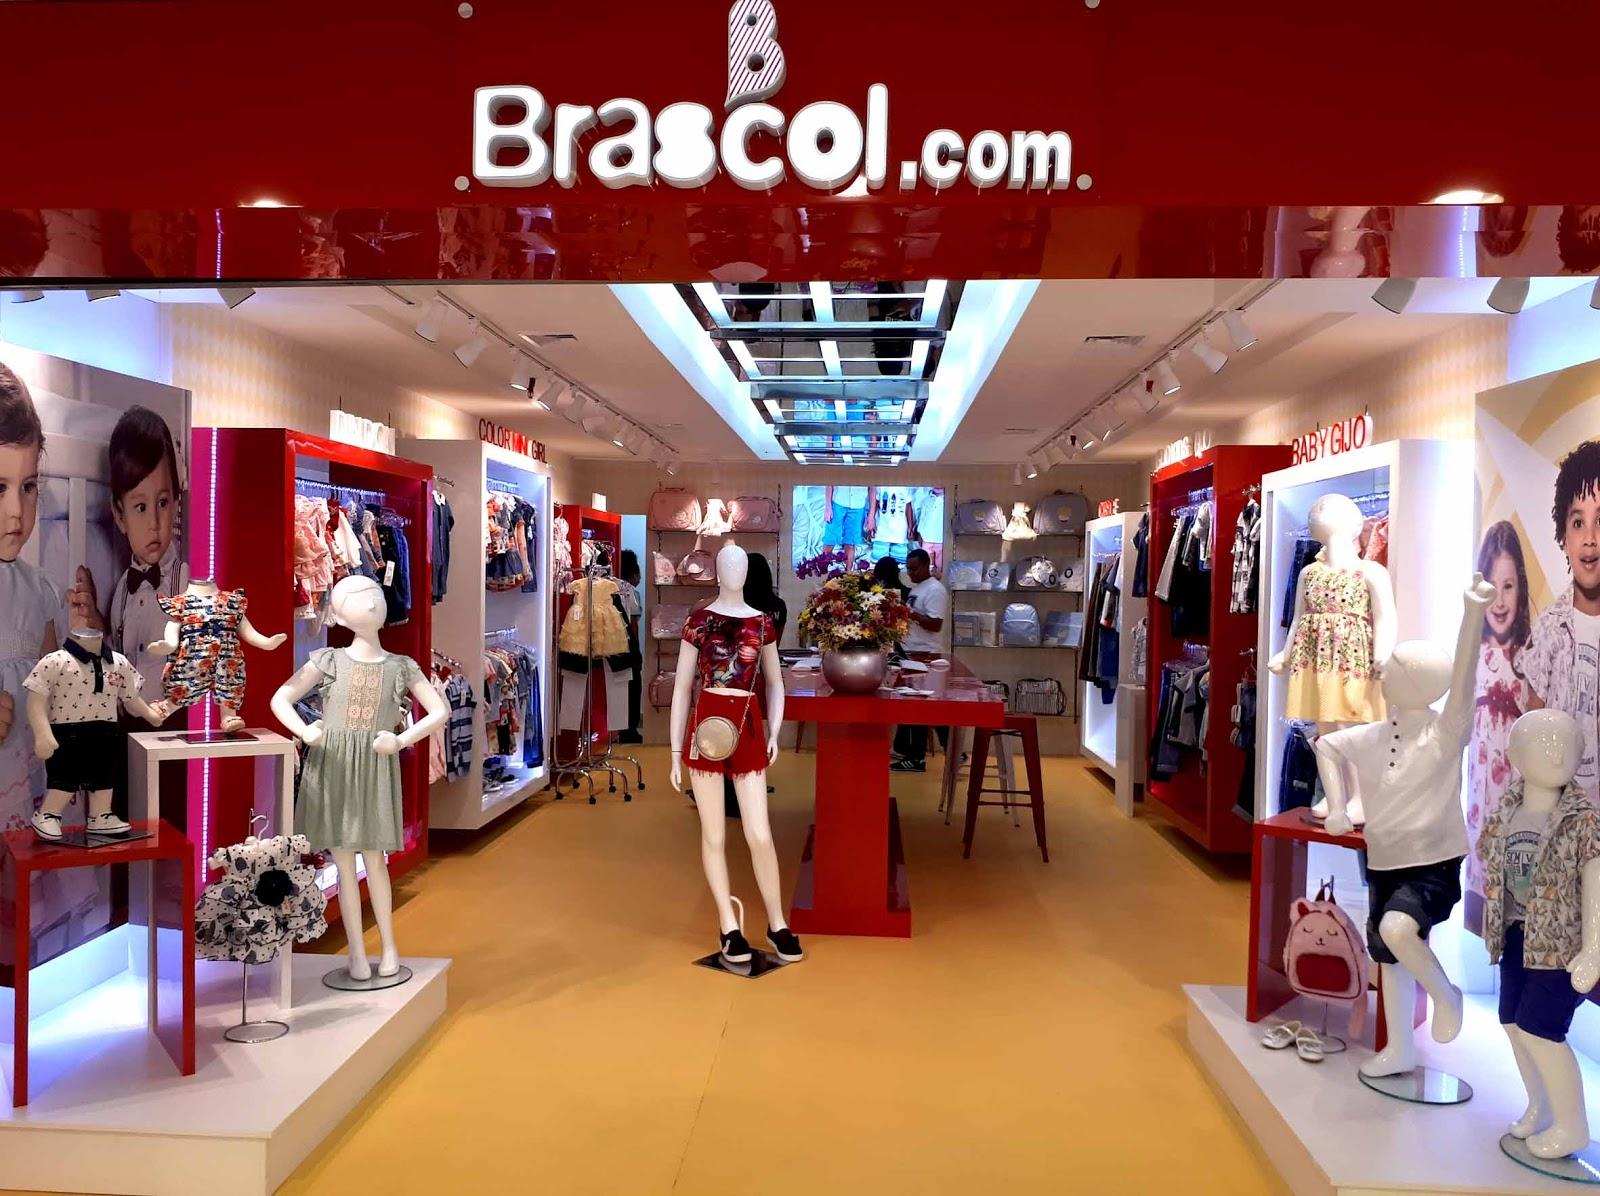 22fe1f6f9 Brascol inaugura nova loja com foco em agregar experiência de compras aos  lojistas